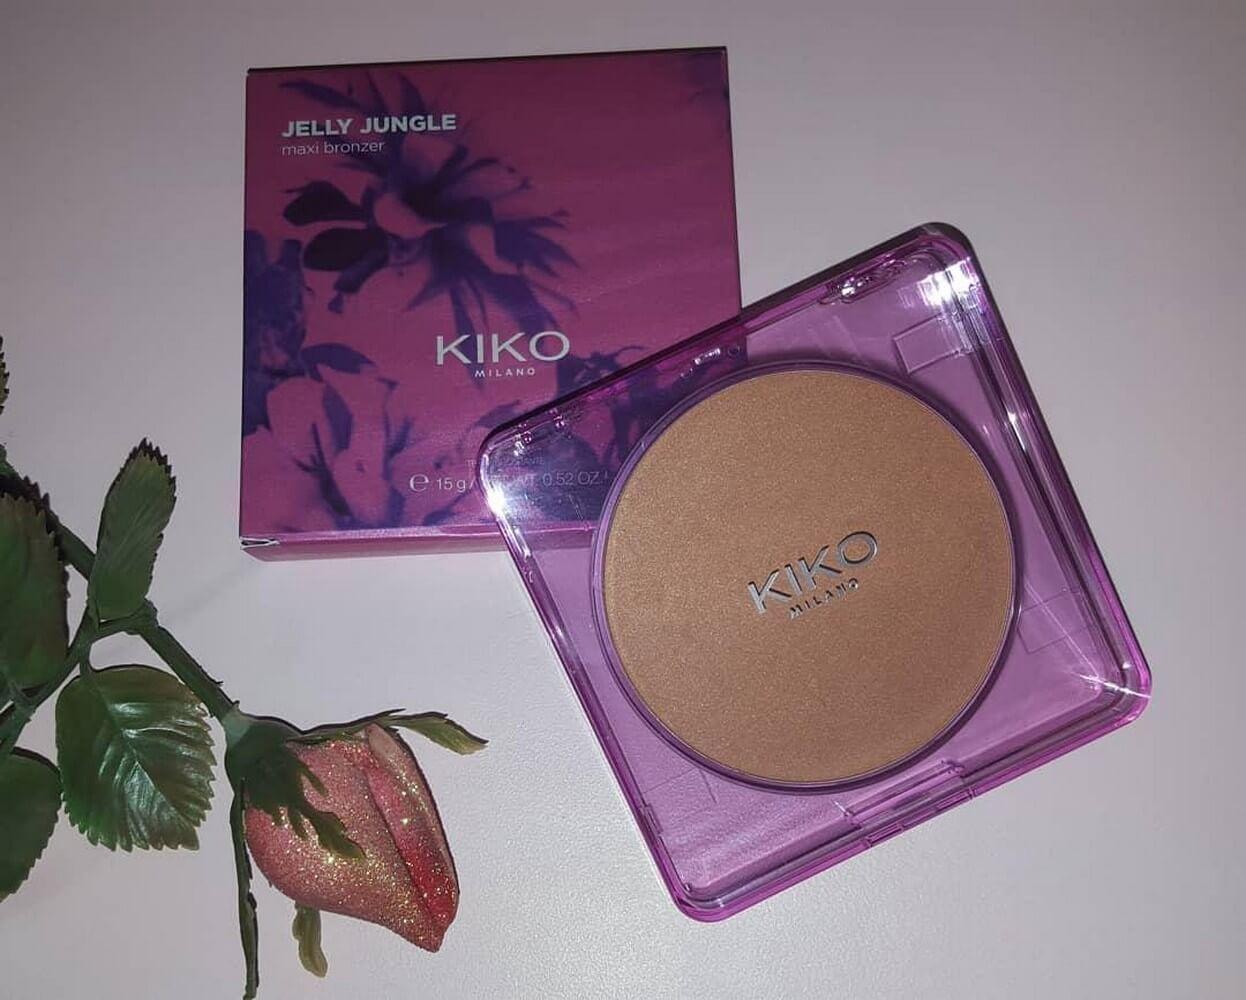 phấn má Kiko makeup JELLY JUNGLE MAXI BRONZER